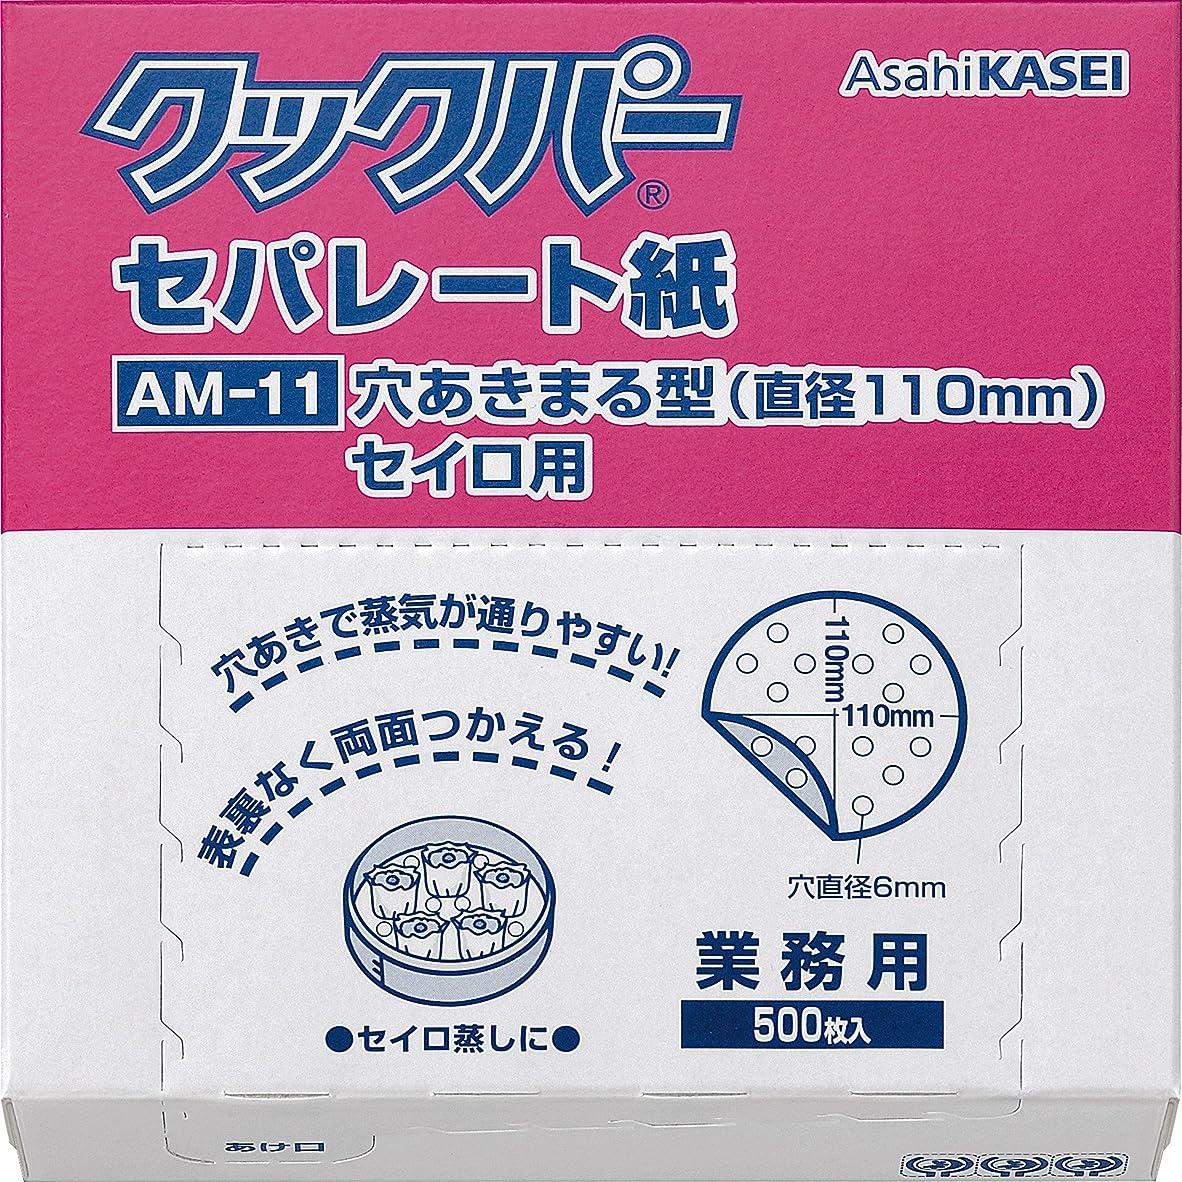 考え乏しいマントル【業務用】クックパー セパレート紙 AM-11 穴あき丸型 (直径110mm) セイロ用 500枚入